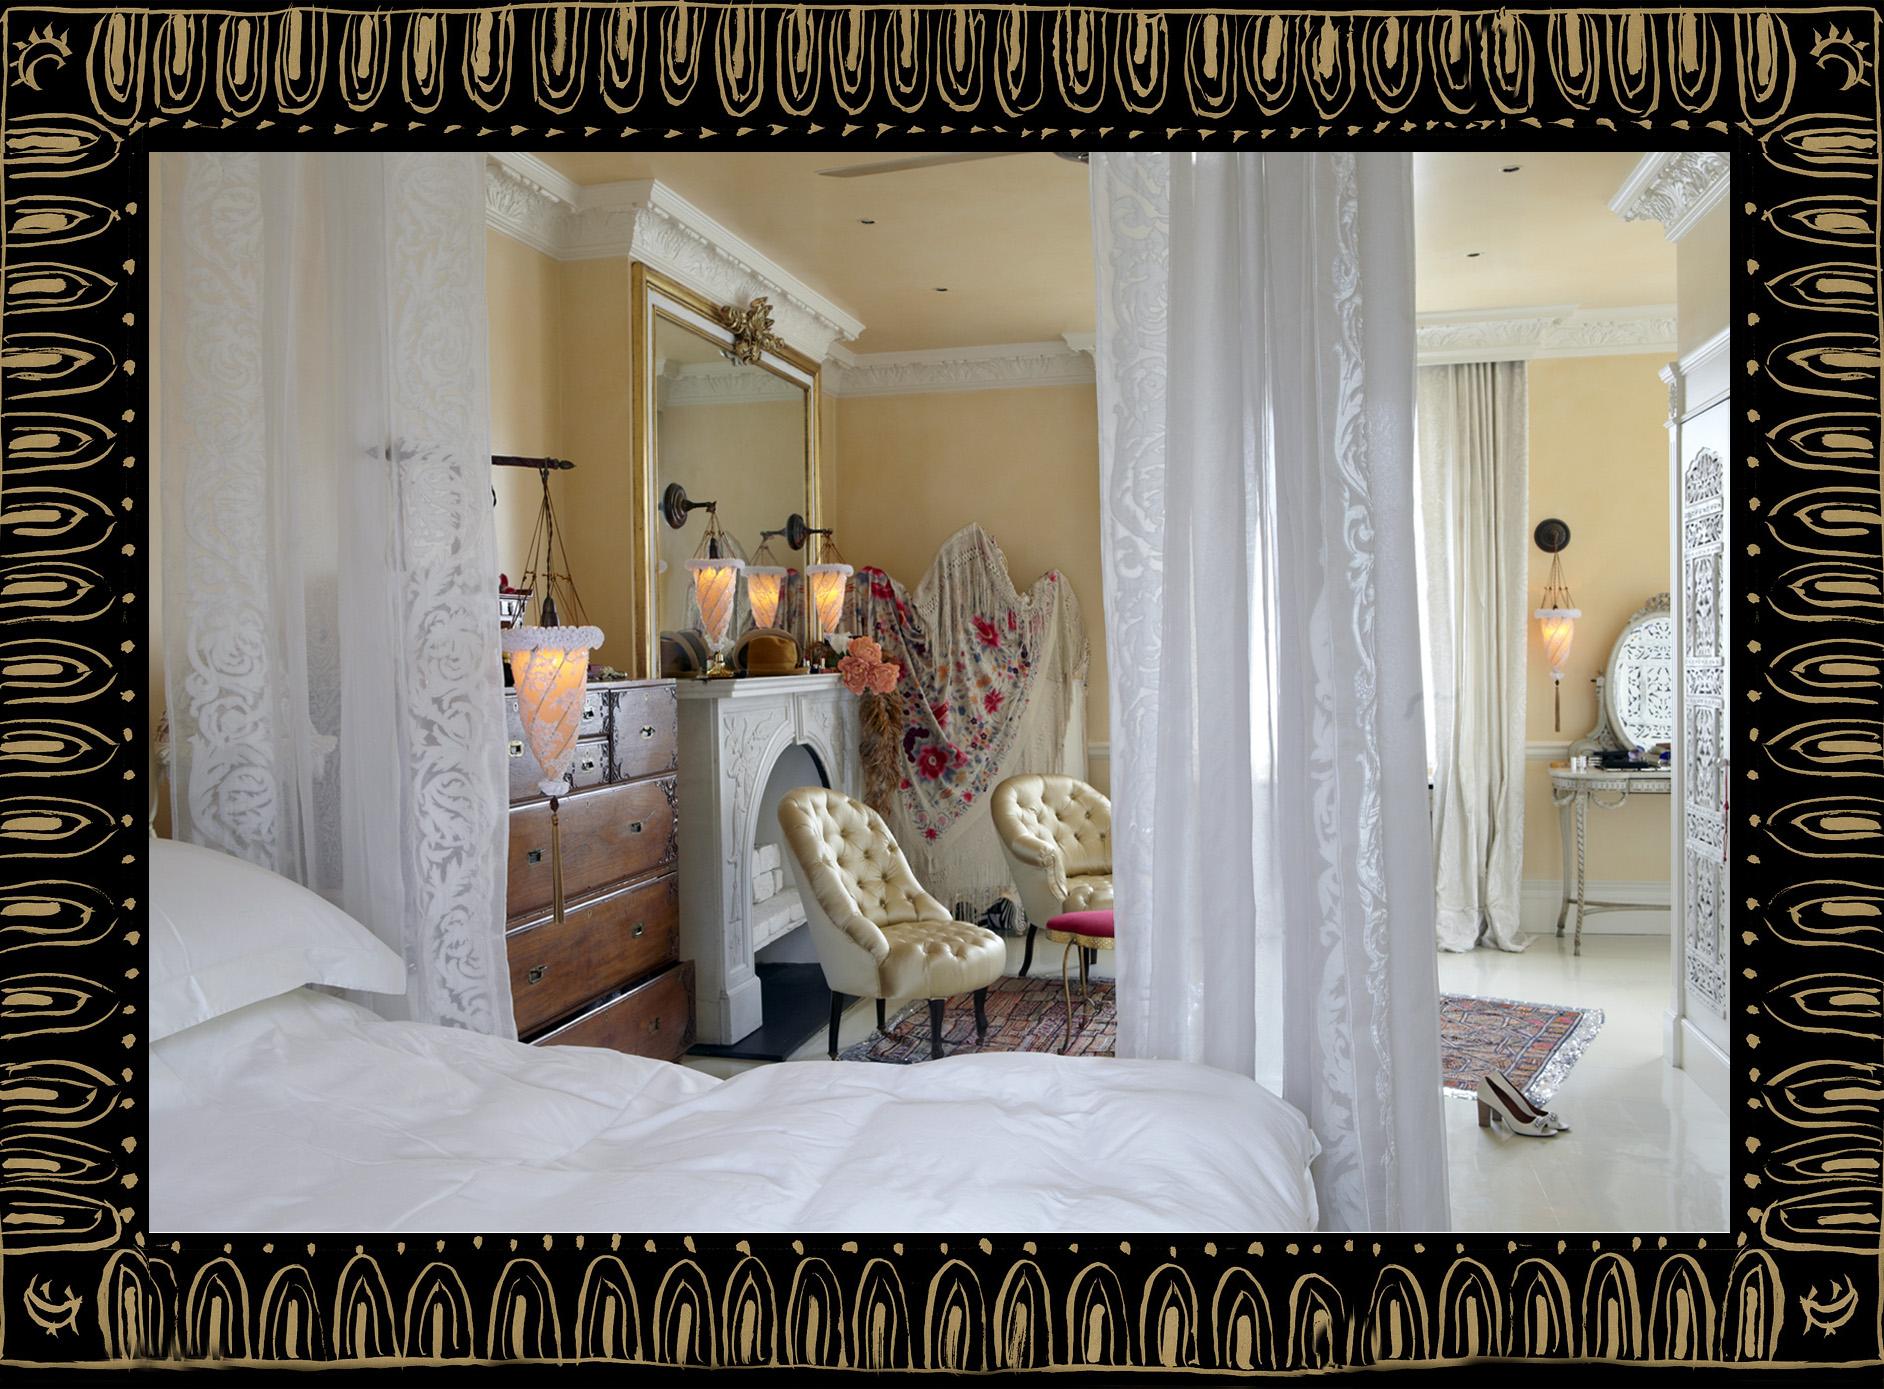 boudoir abf_SHL_Nina_025.jpg